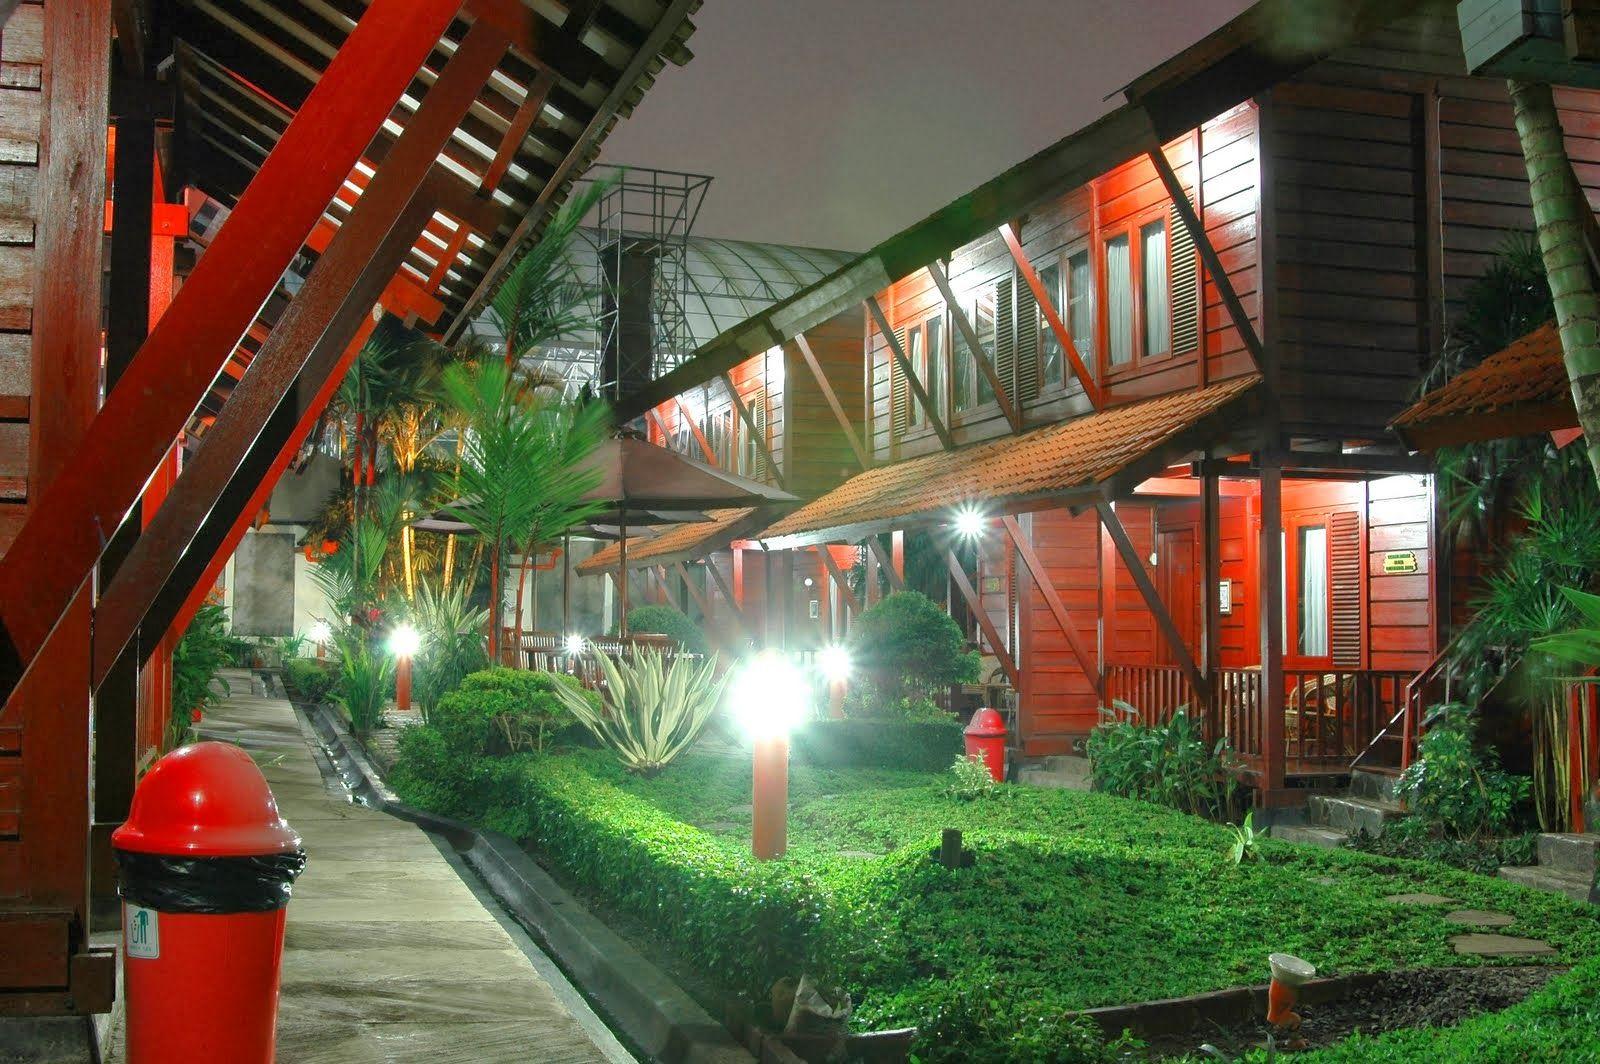 Daftar Hotel Murah Di Bandung Harga Mulai Rp 150 Ribuan